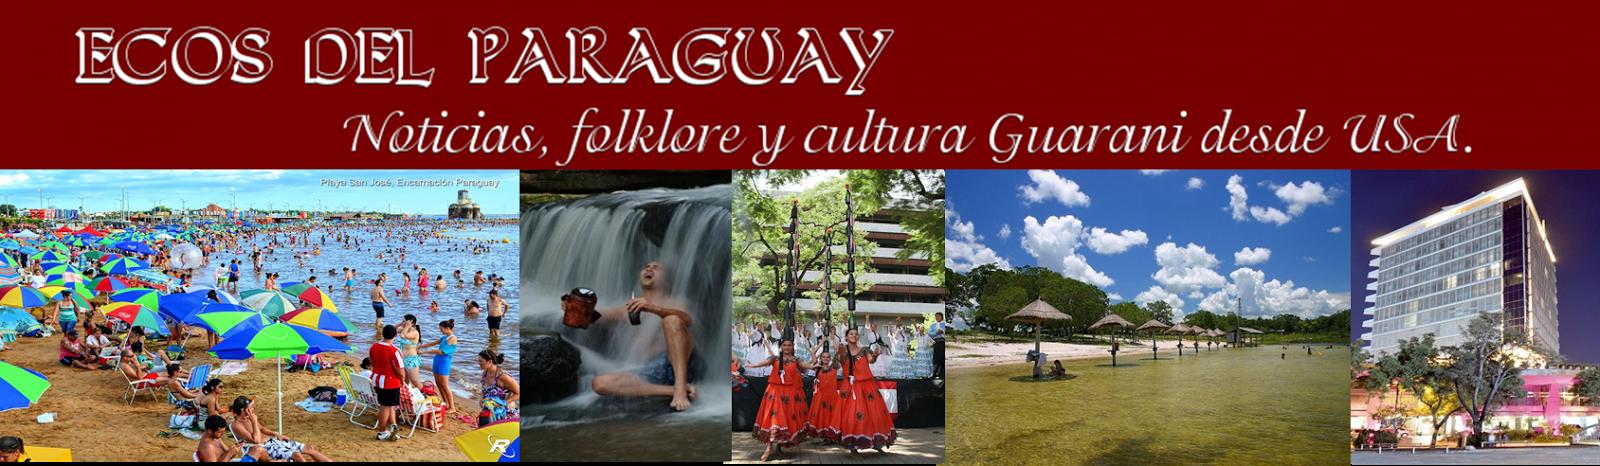 Ecos del Paraguay desde USA